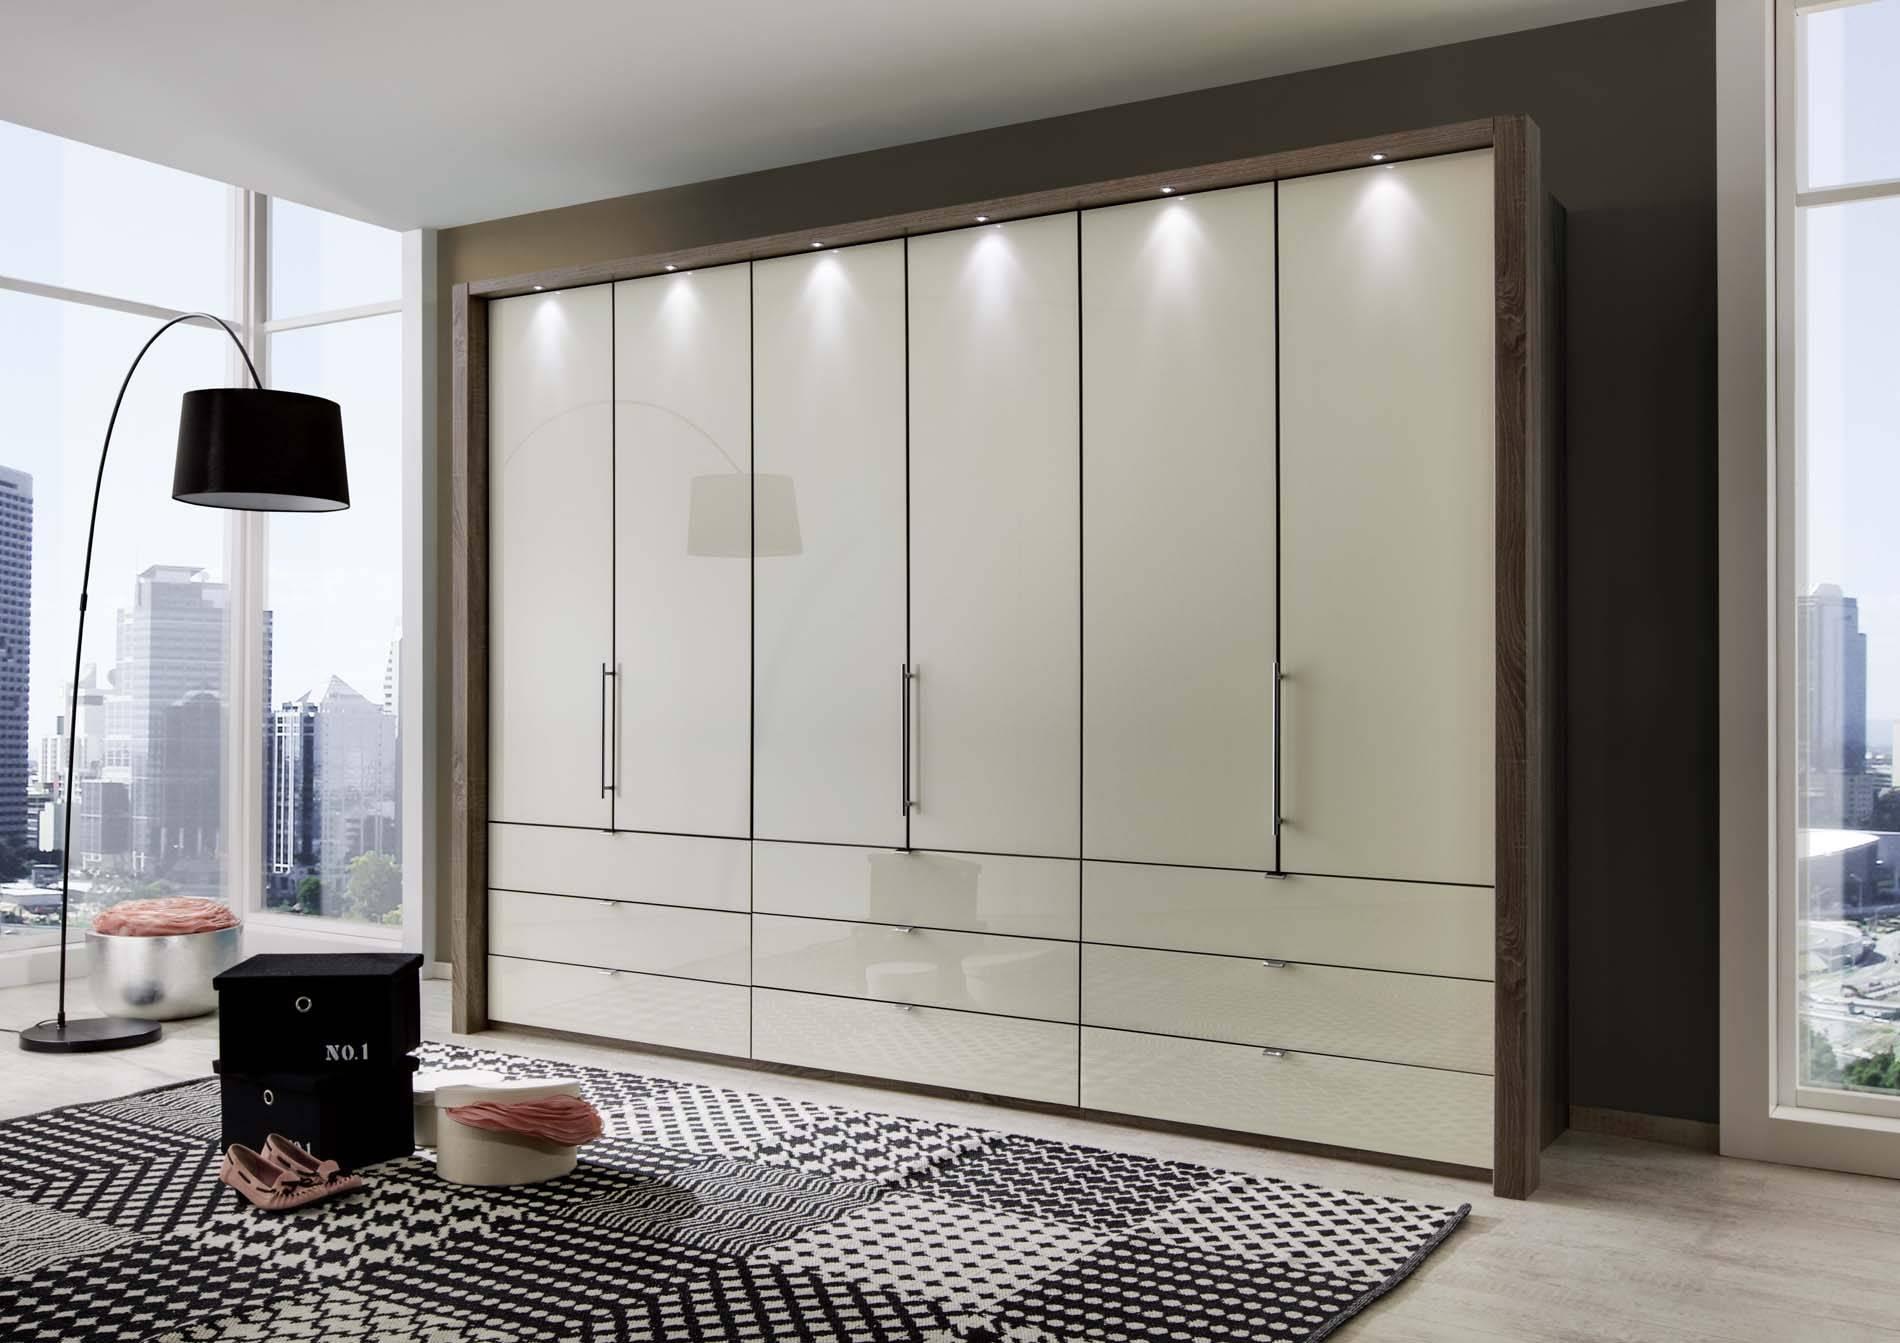 Kensington 6 Door 9 Drawer Wardrobe | Crendon Beds Inside 6 Door Wardrobes Bedroom Furniture (View 3 of 15)